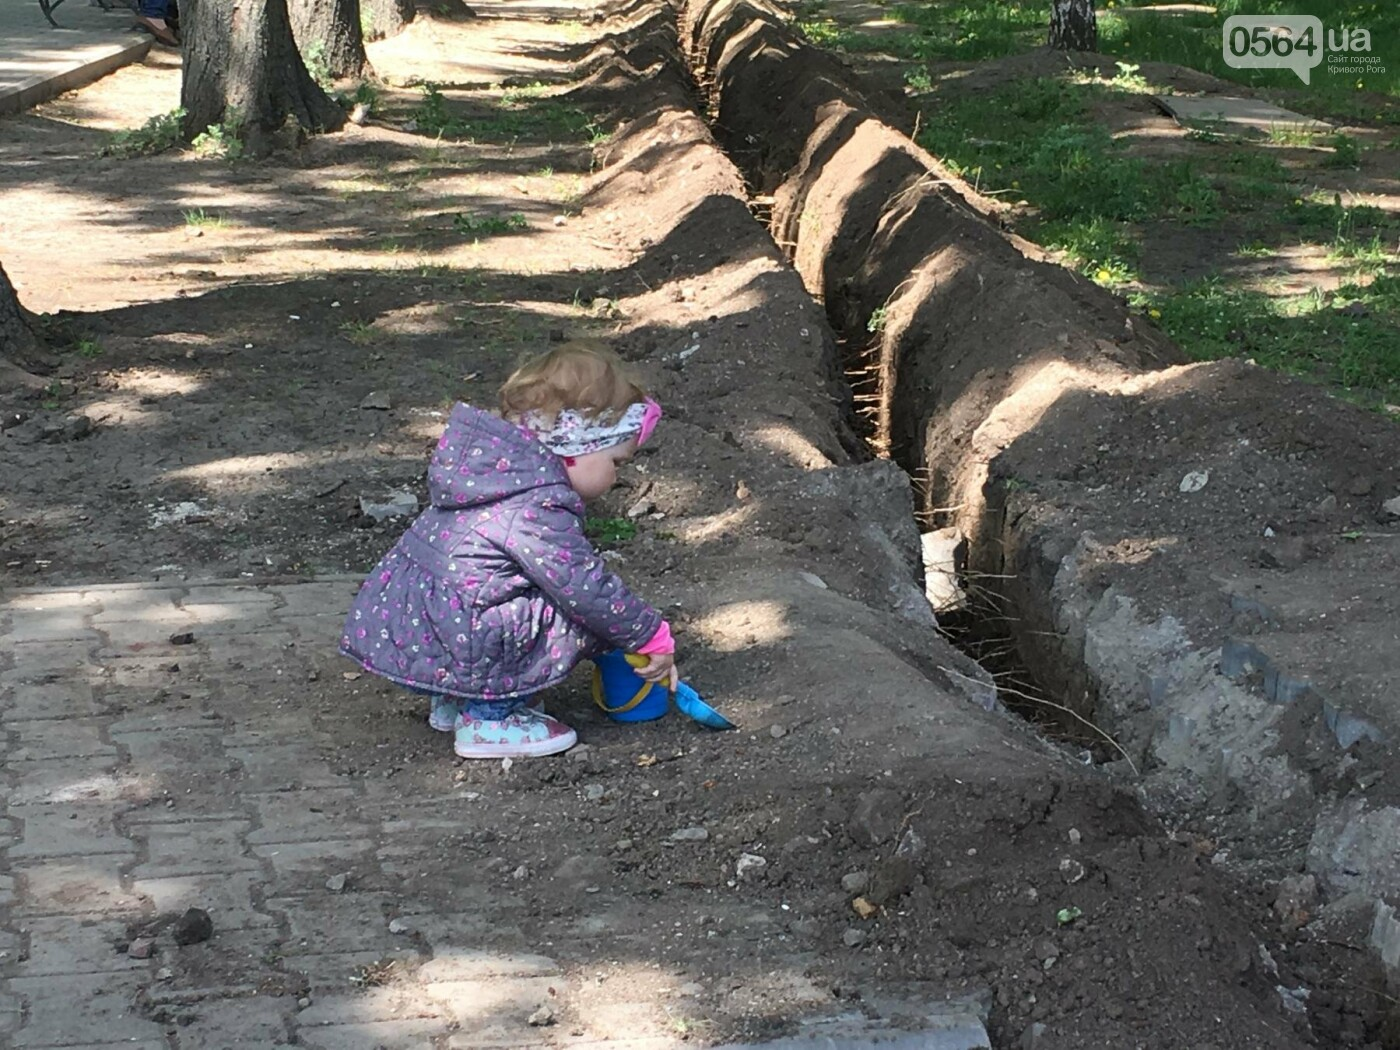 """""""В Европу без мусора!"""": криворожане помогли подготовить парк к Еврофесту (ФОТО), фото-16"""